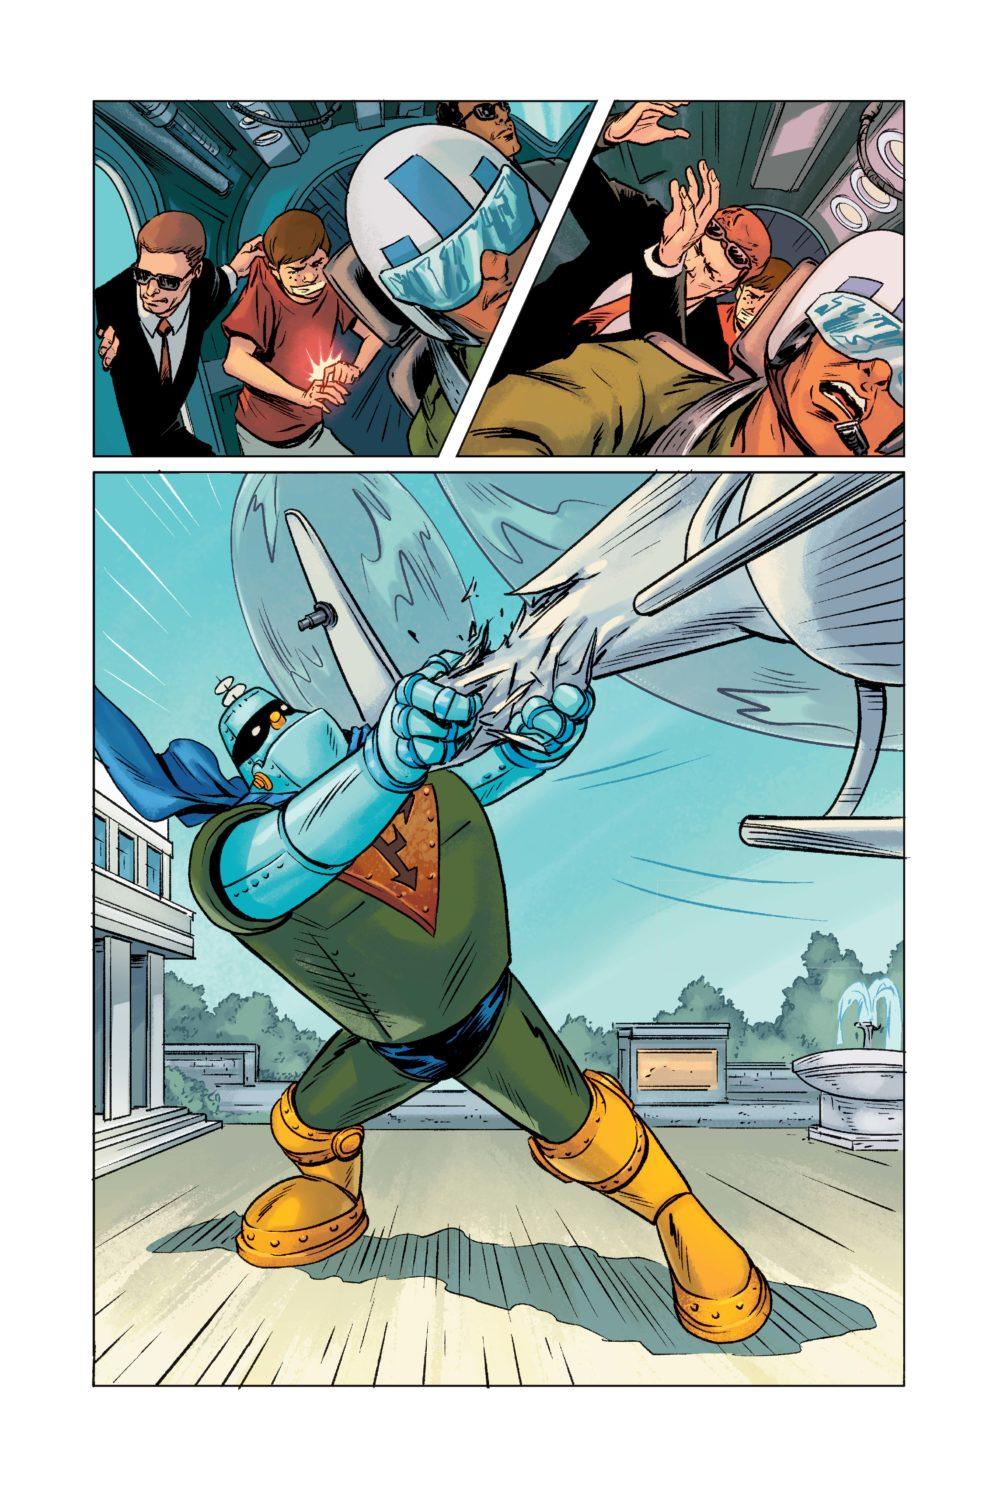 Frankenstein Jr at bat! Source: